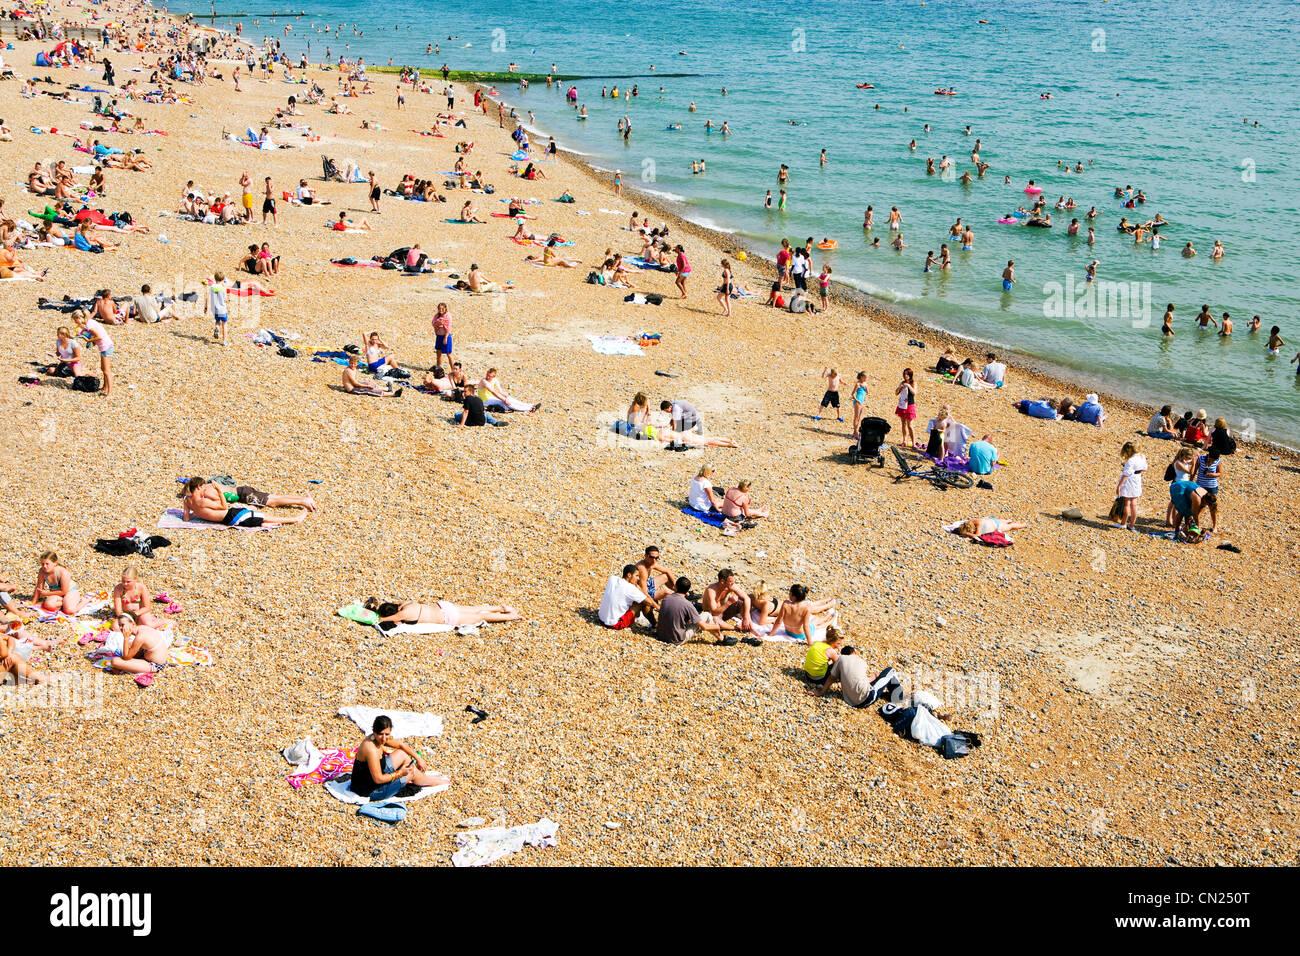 Les gens sur la plage bondée, Brighton, Angleterre Banque D'Images